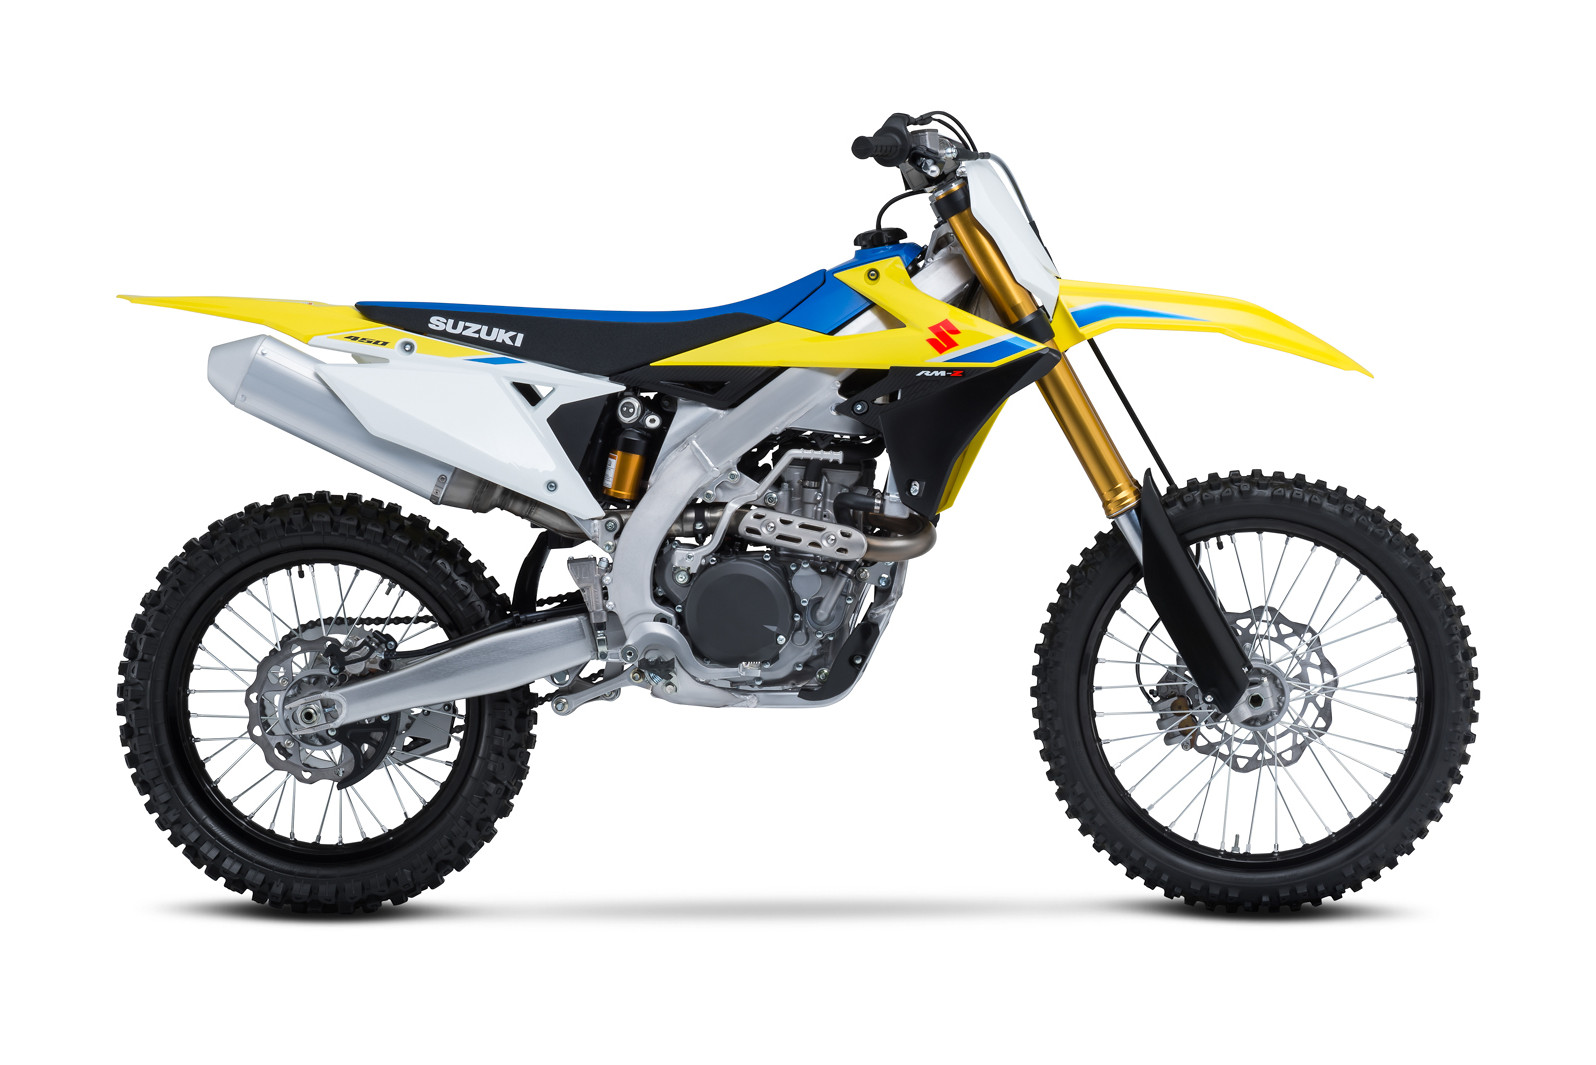 2018 Suzuki RM-Z450  2018 Suzuki RM-Z450